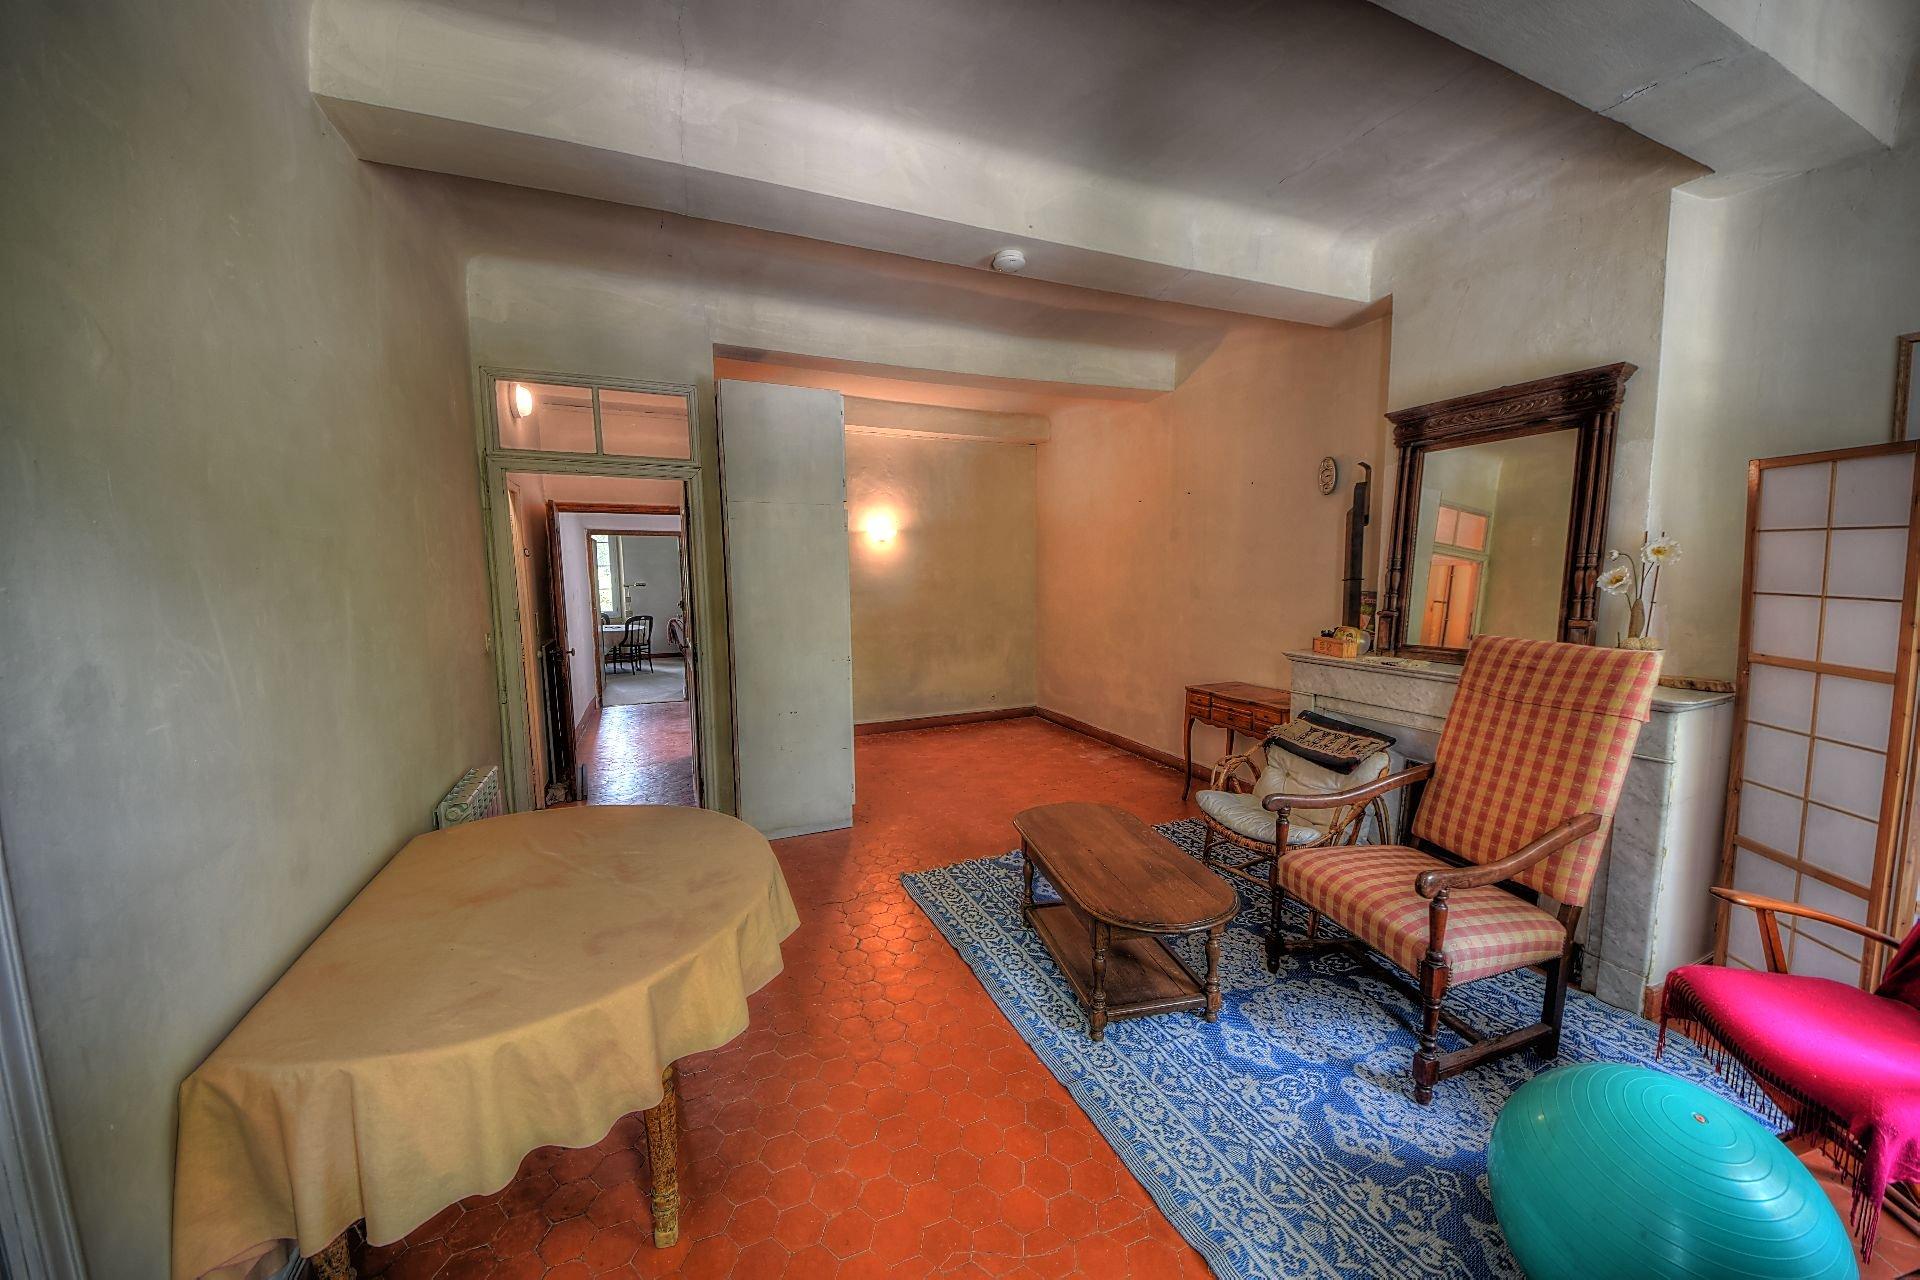 Suite parentale ou studio 2 au premier étage